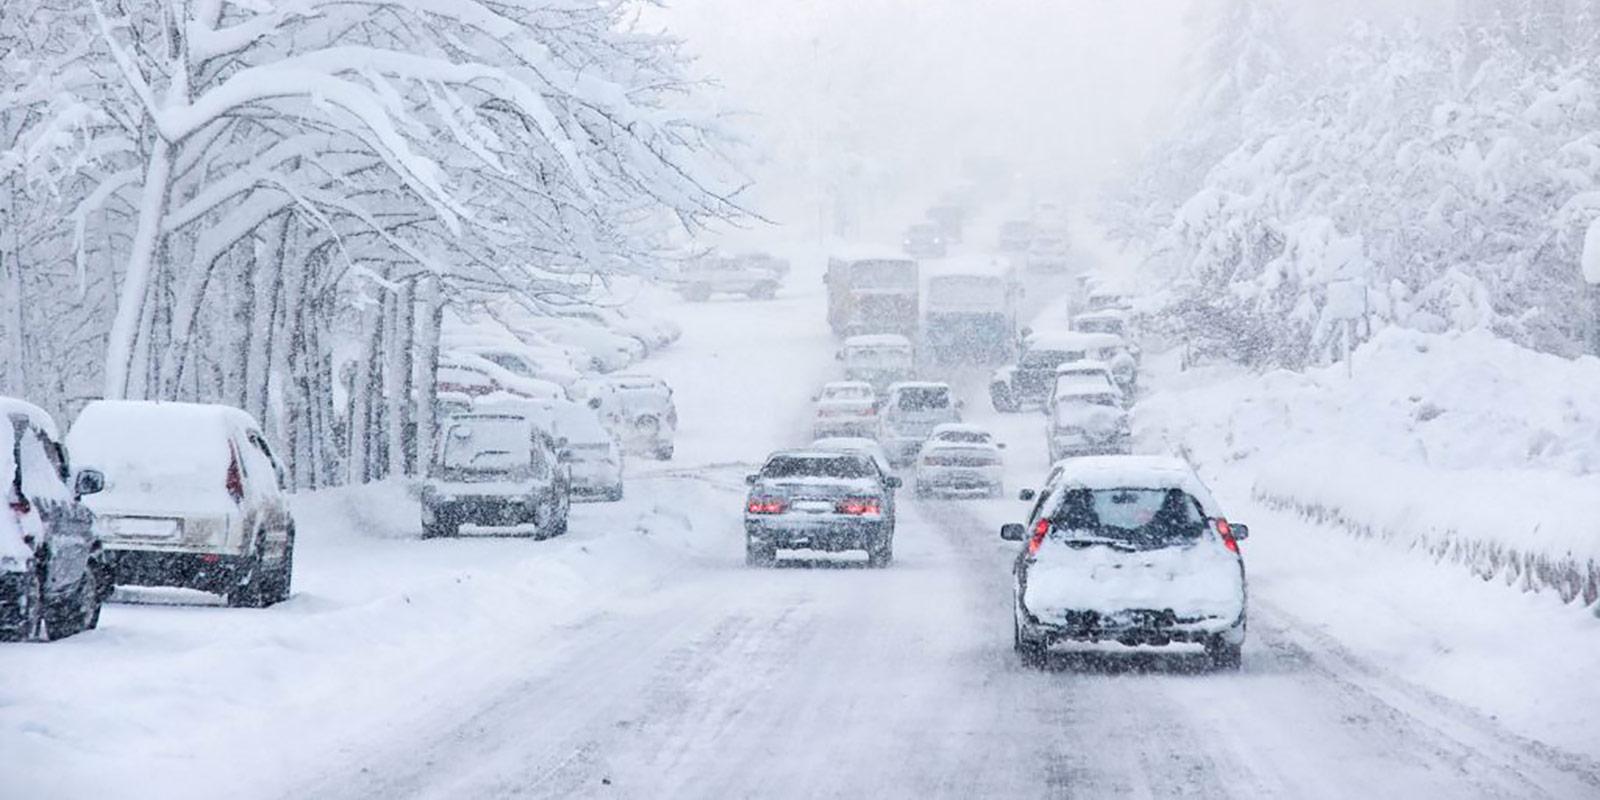 Jak připravit auto na zimu? Havarijní pojištění se v tomto období vyplatí